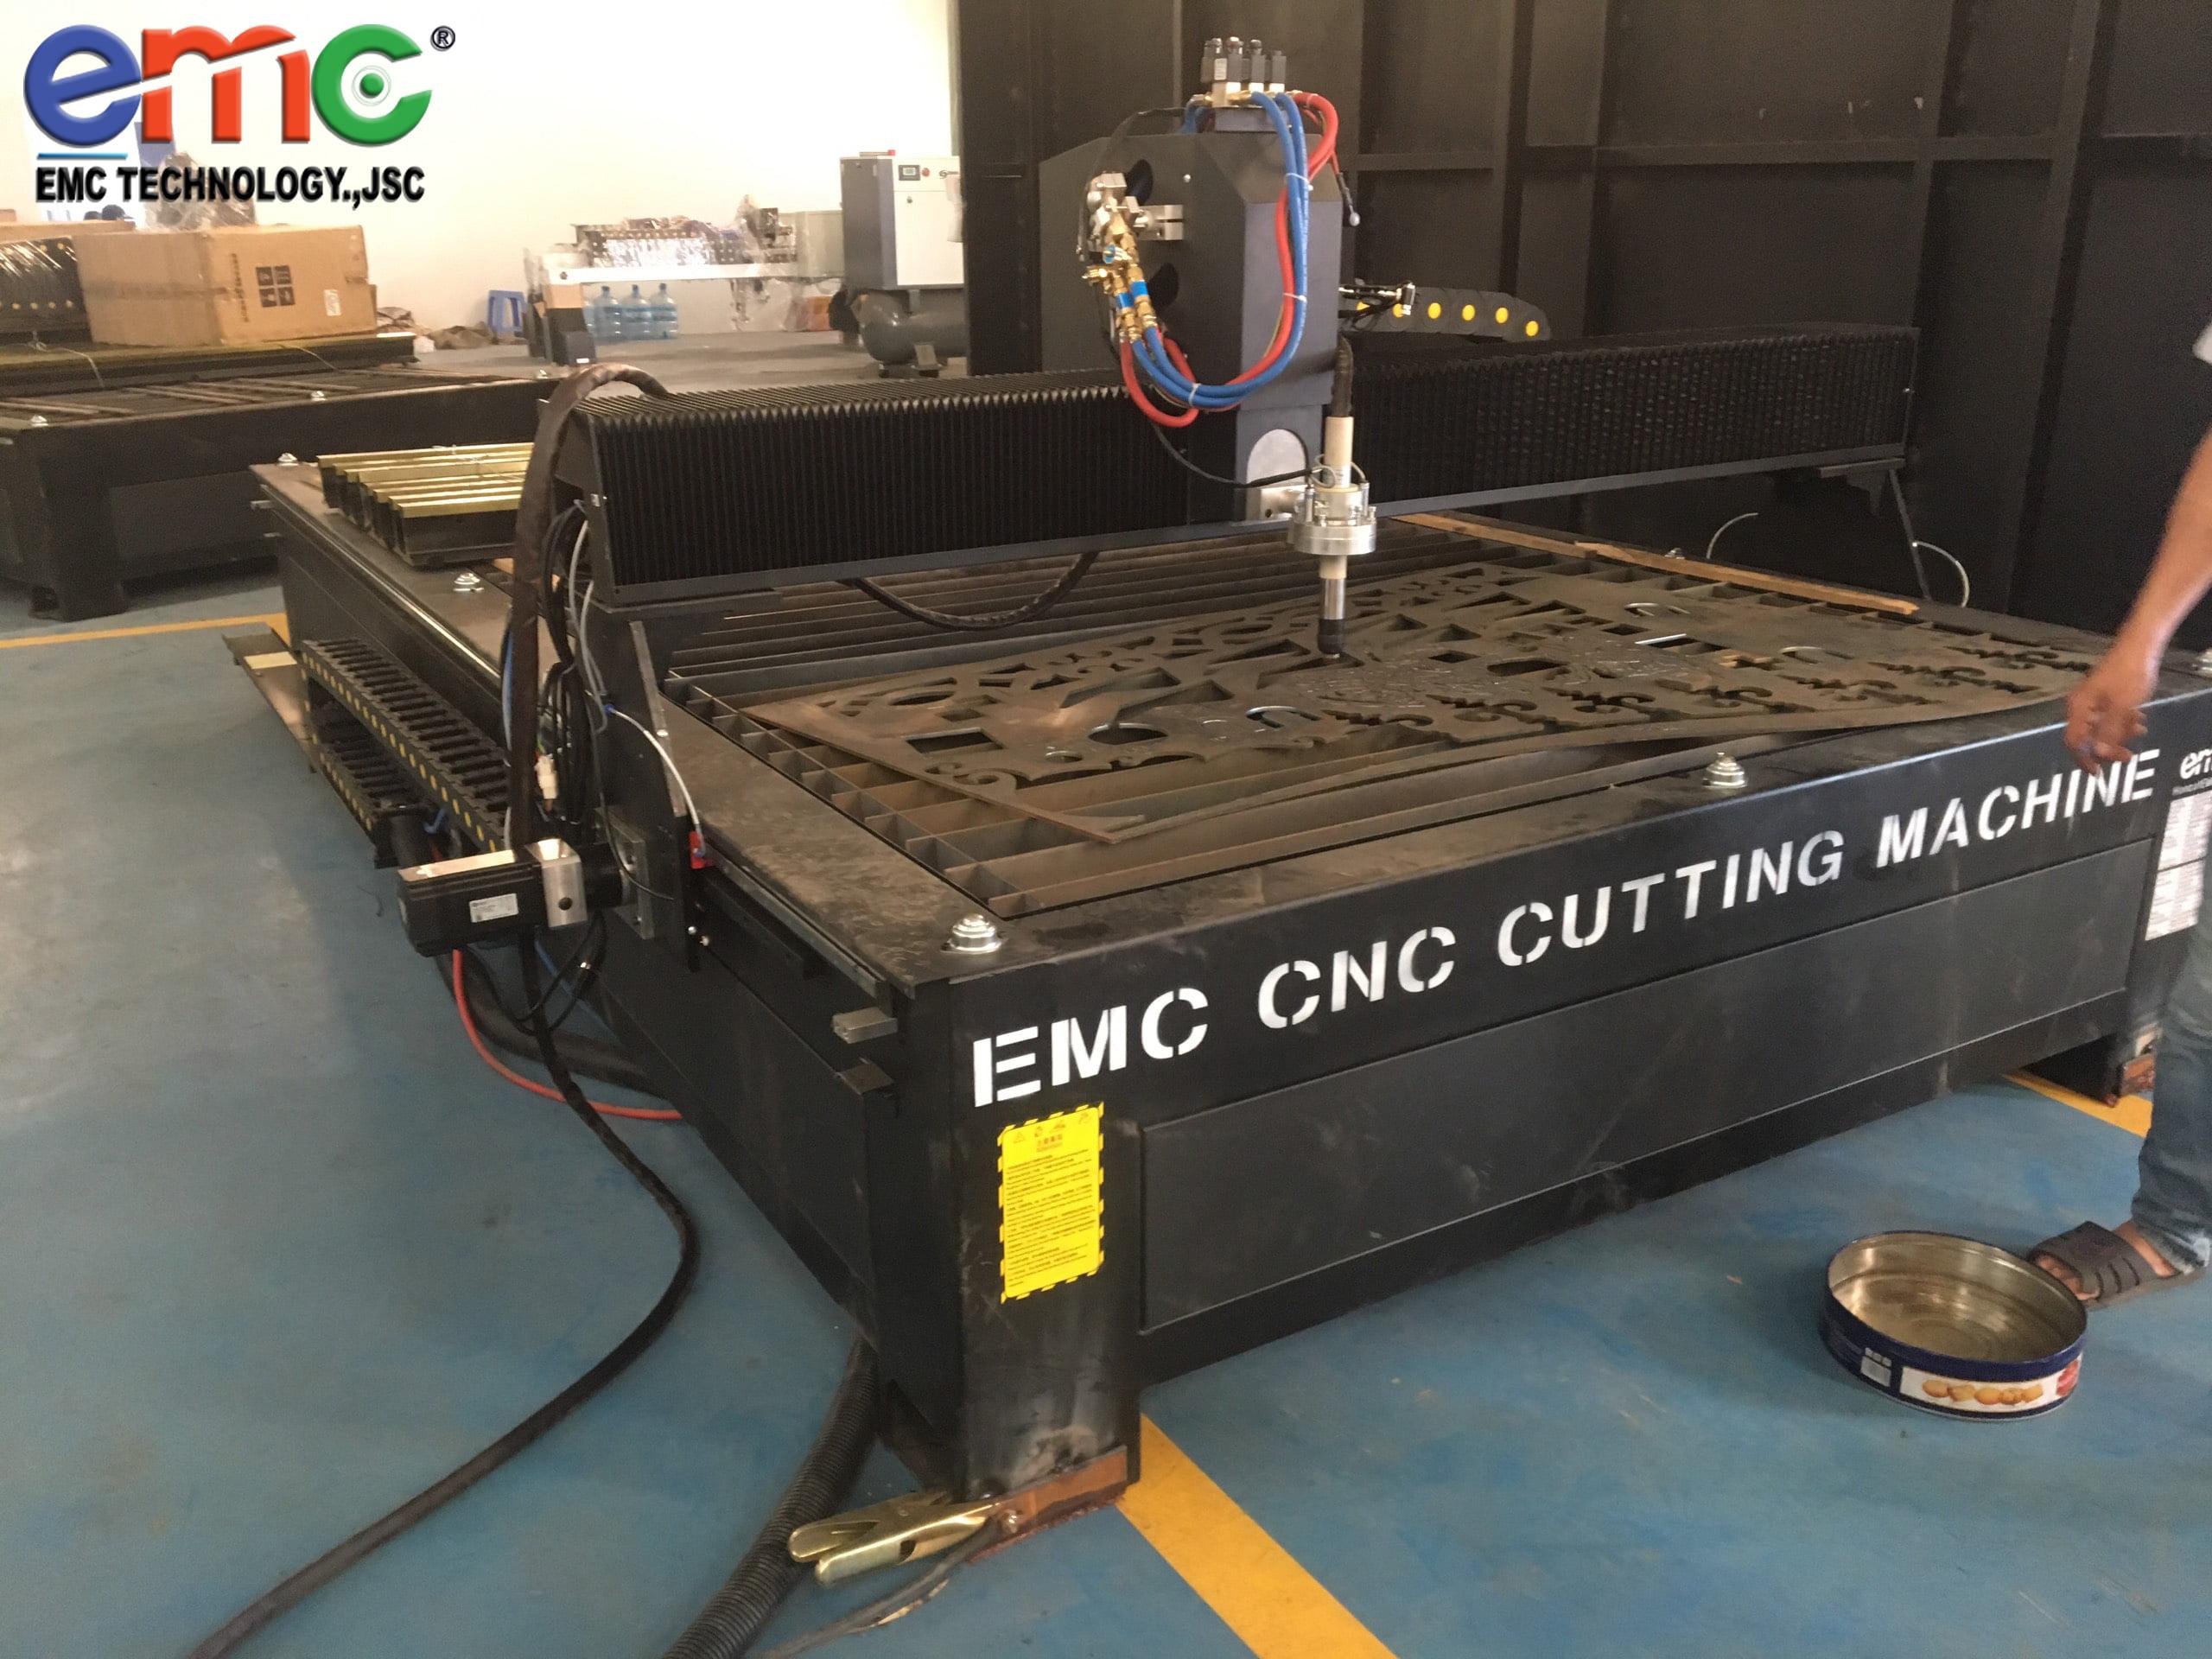 máy cắt emc 2000 cnc plasma chất lượng (1)